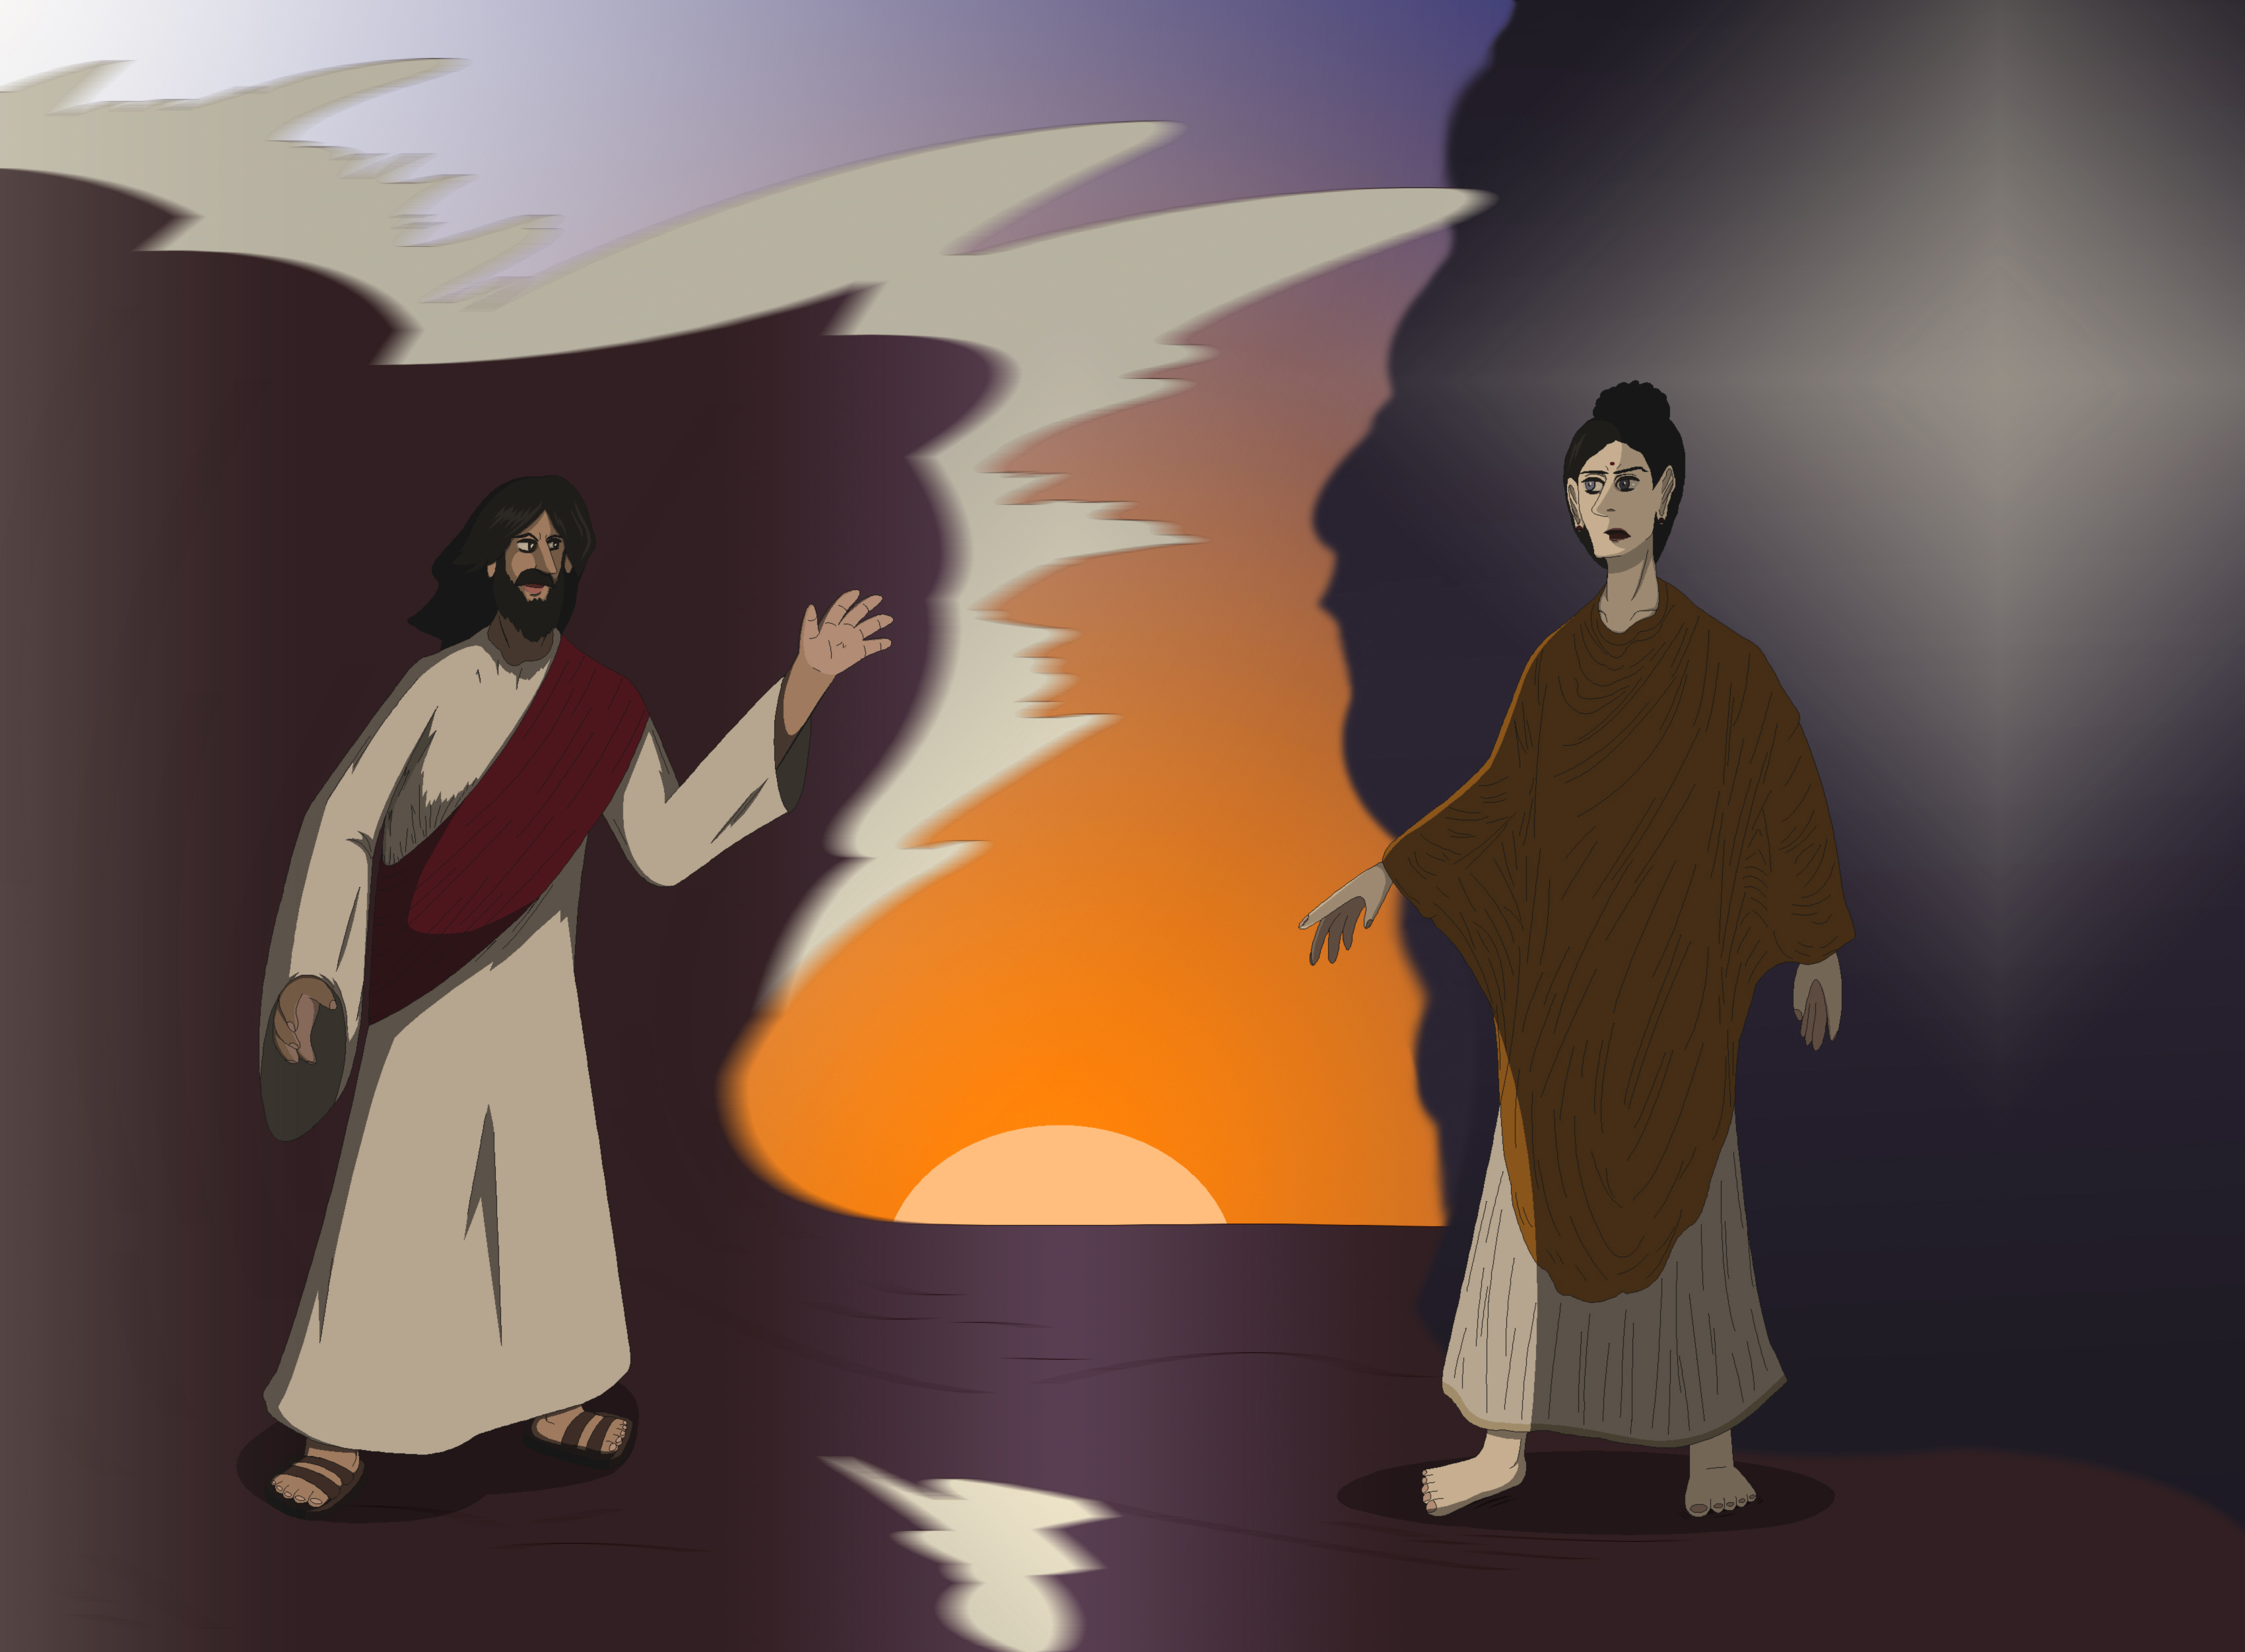 Jesus vs. Buddha